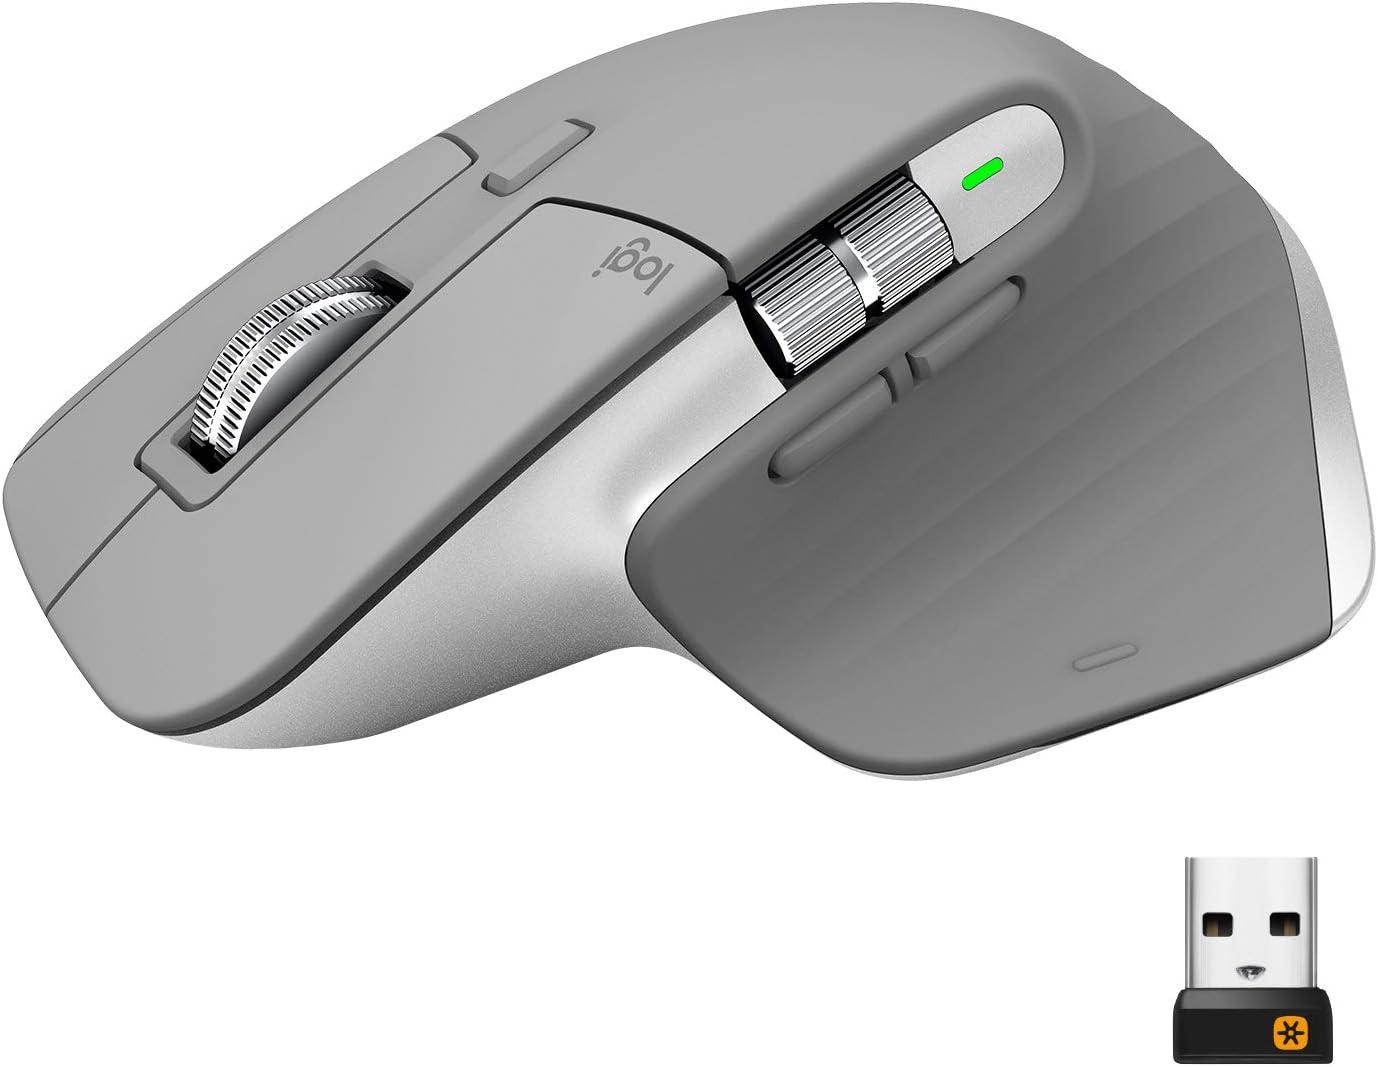 Logitech MX Master 3 Advanced Ratón Inalámbrico, Receptor USB, Bluetooth/2.4GHz, Desplazamiento Rápido, Seguimiento 4000 DPI en Cualquier Superficie, 7 Botones, Recarcable, PC/Mac/Portátil/iPadOS